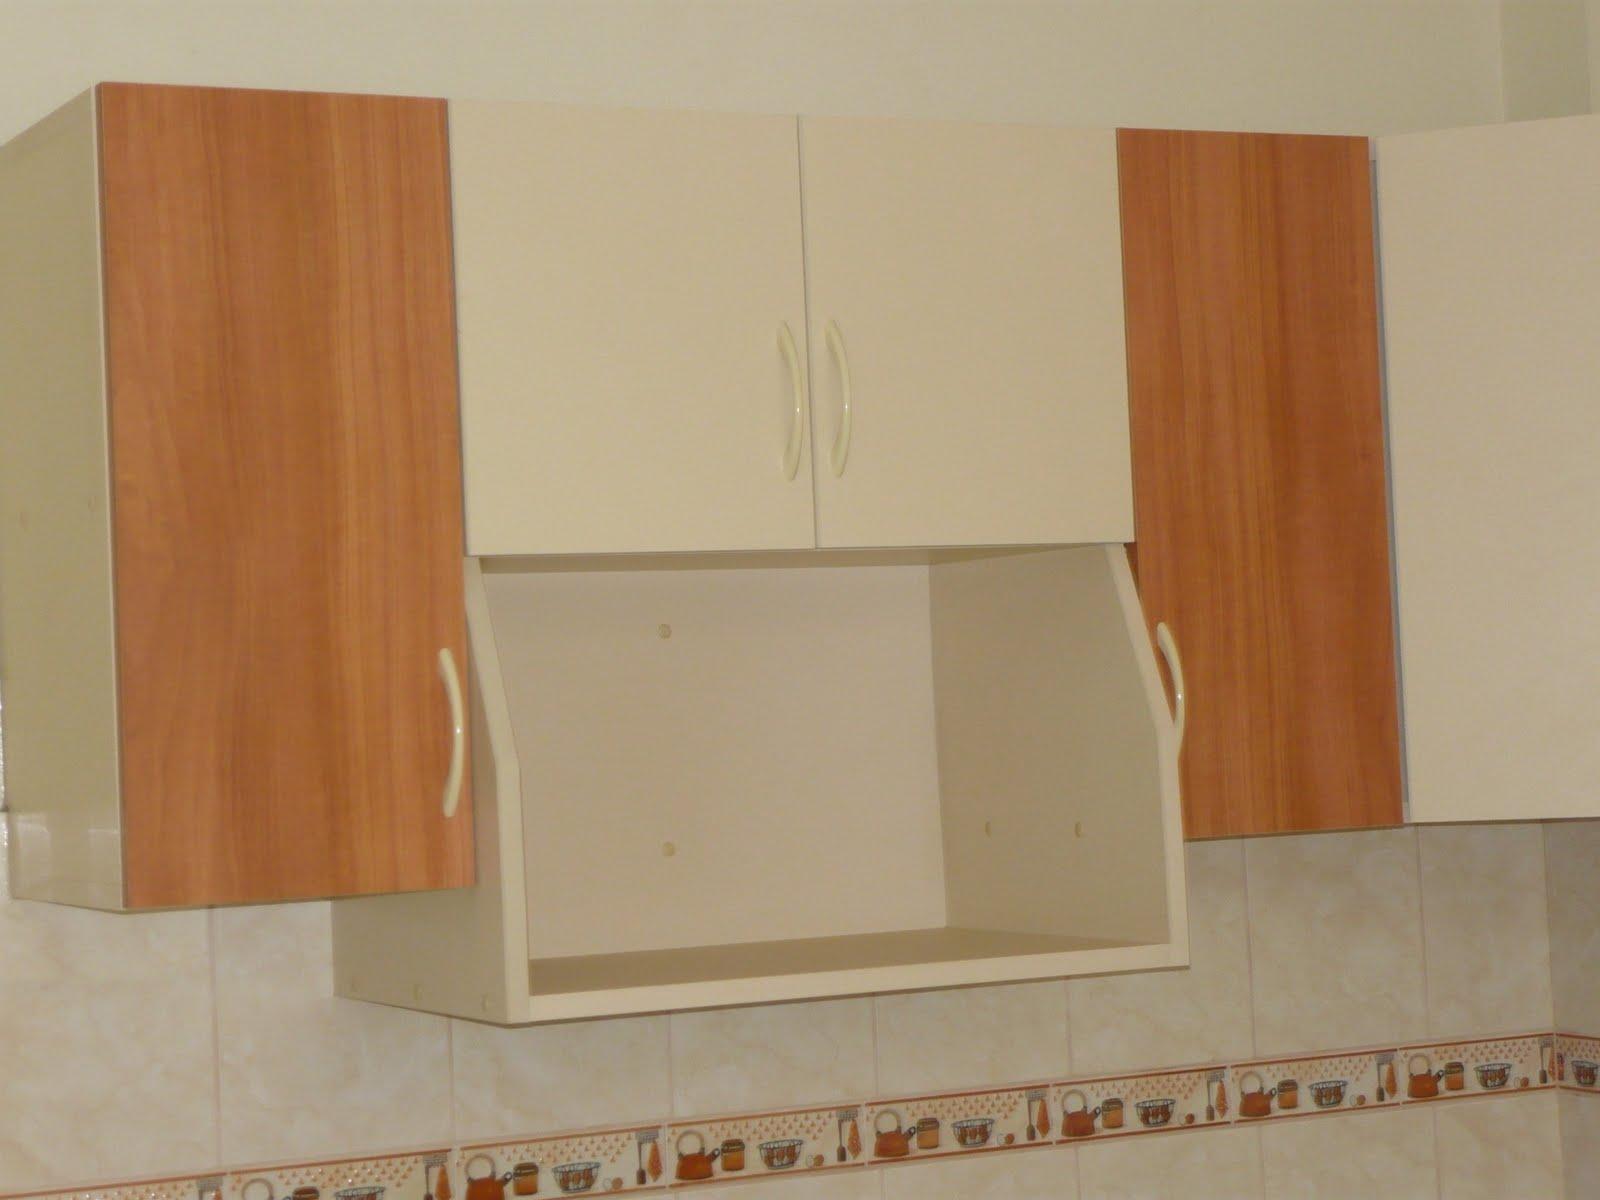 Fabricaci n de los tableros de melamina web del for Planos muebles melamina